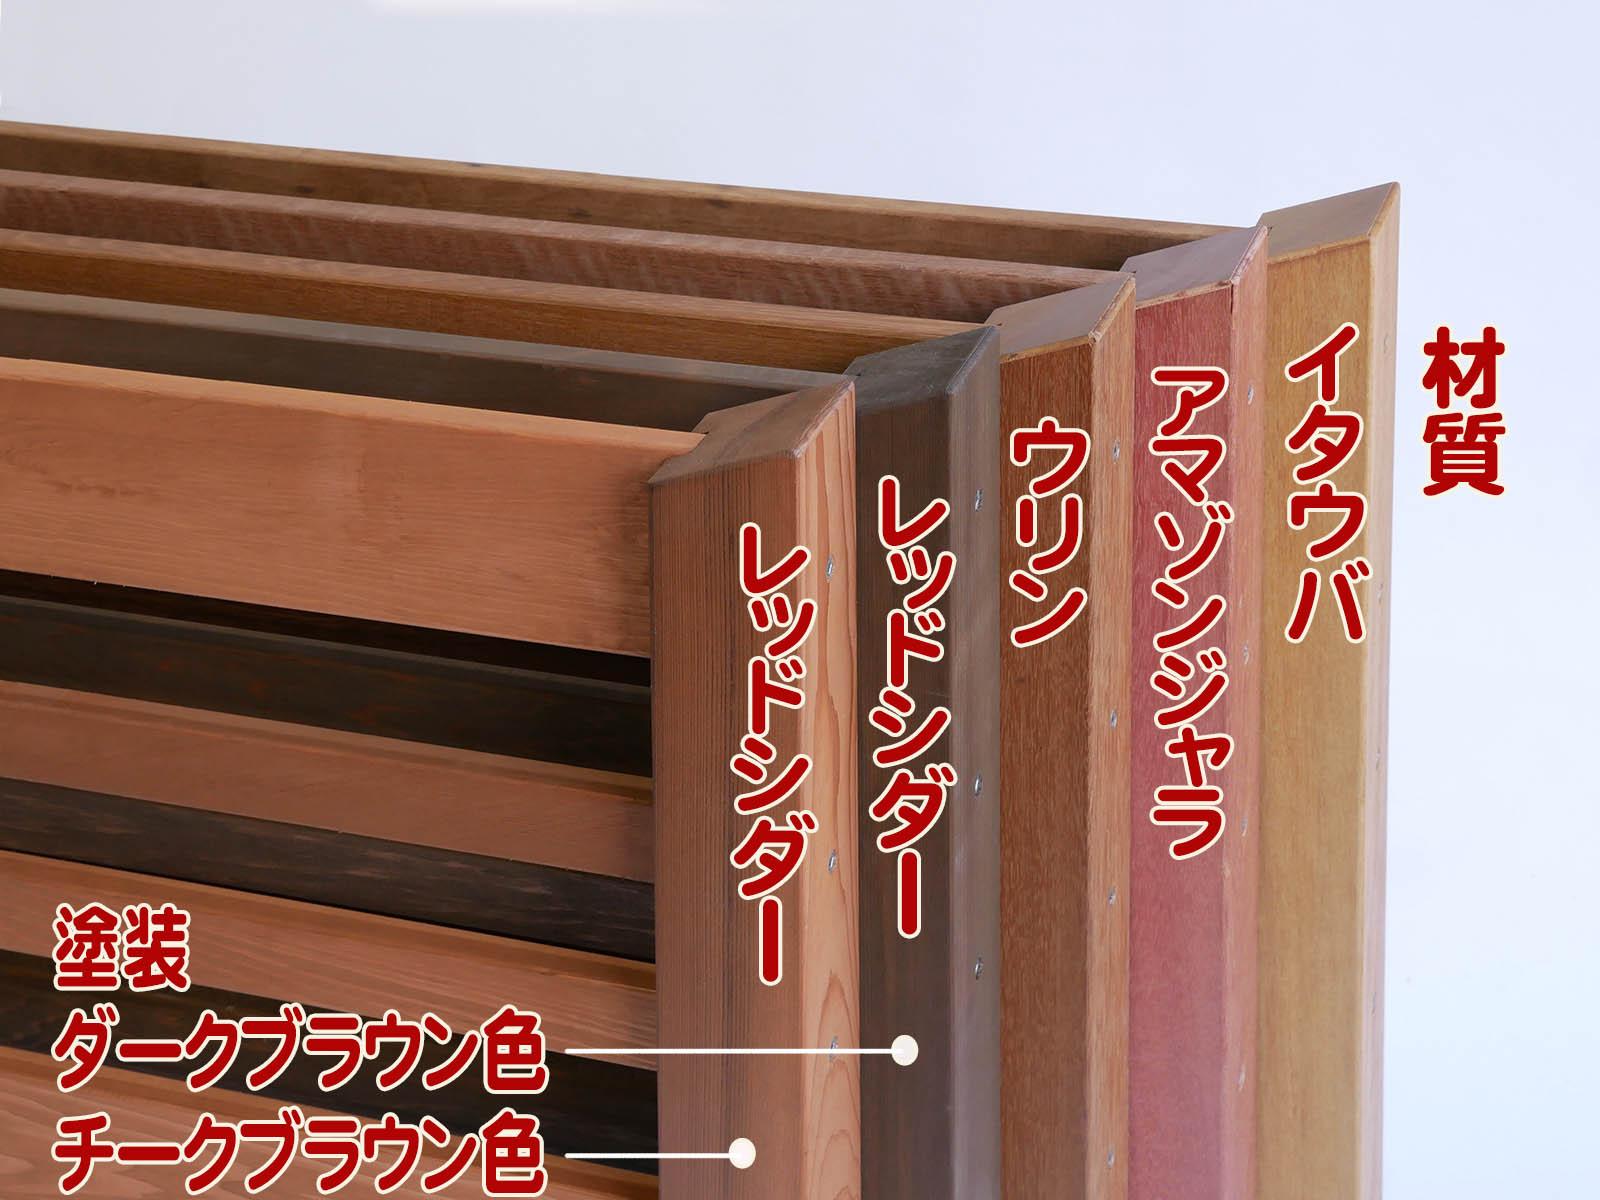 デッキ用手摺イタウバ/アマゾンジャラ(独立タイプ) 簡単設置 後付け可能